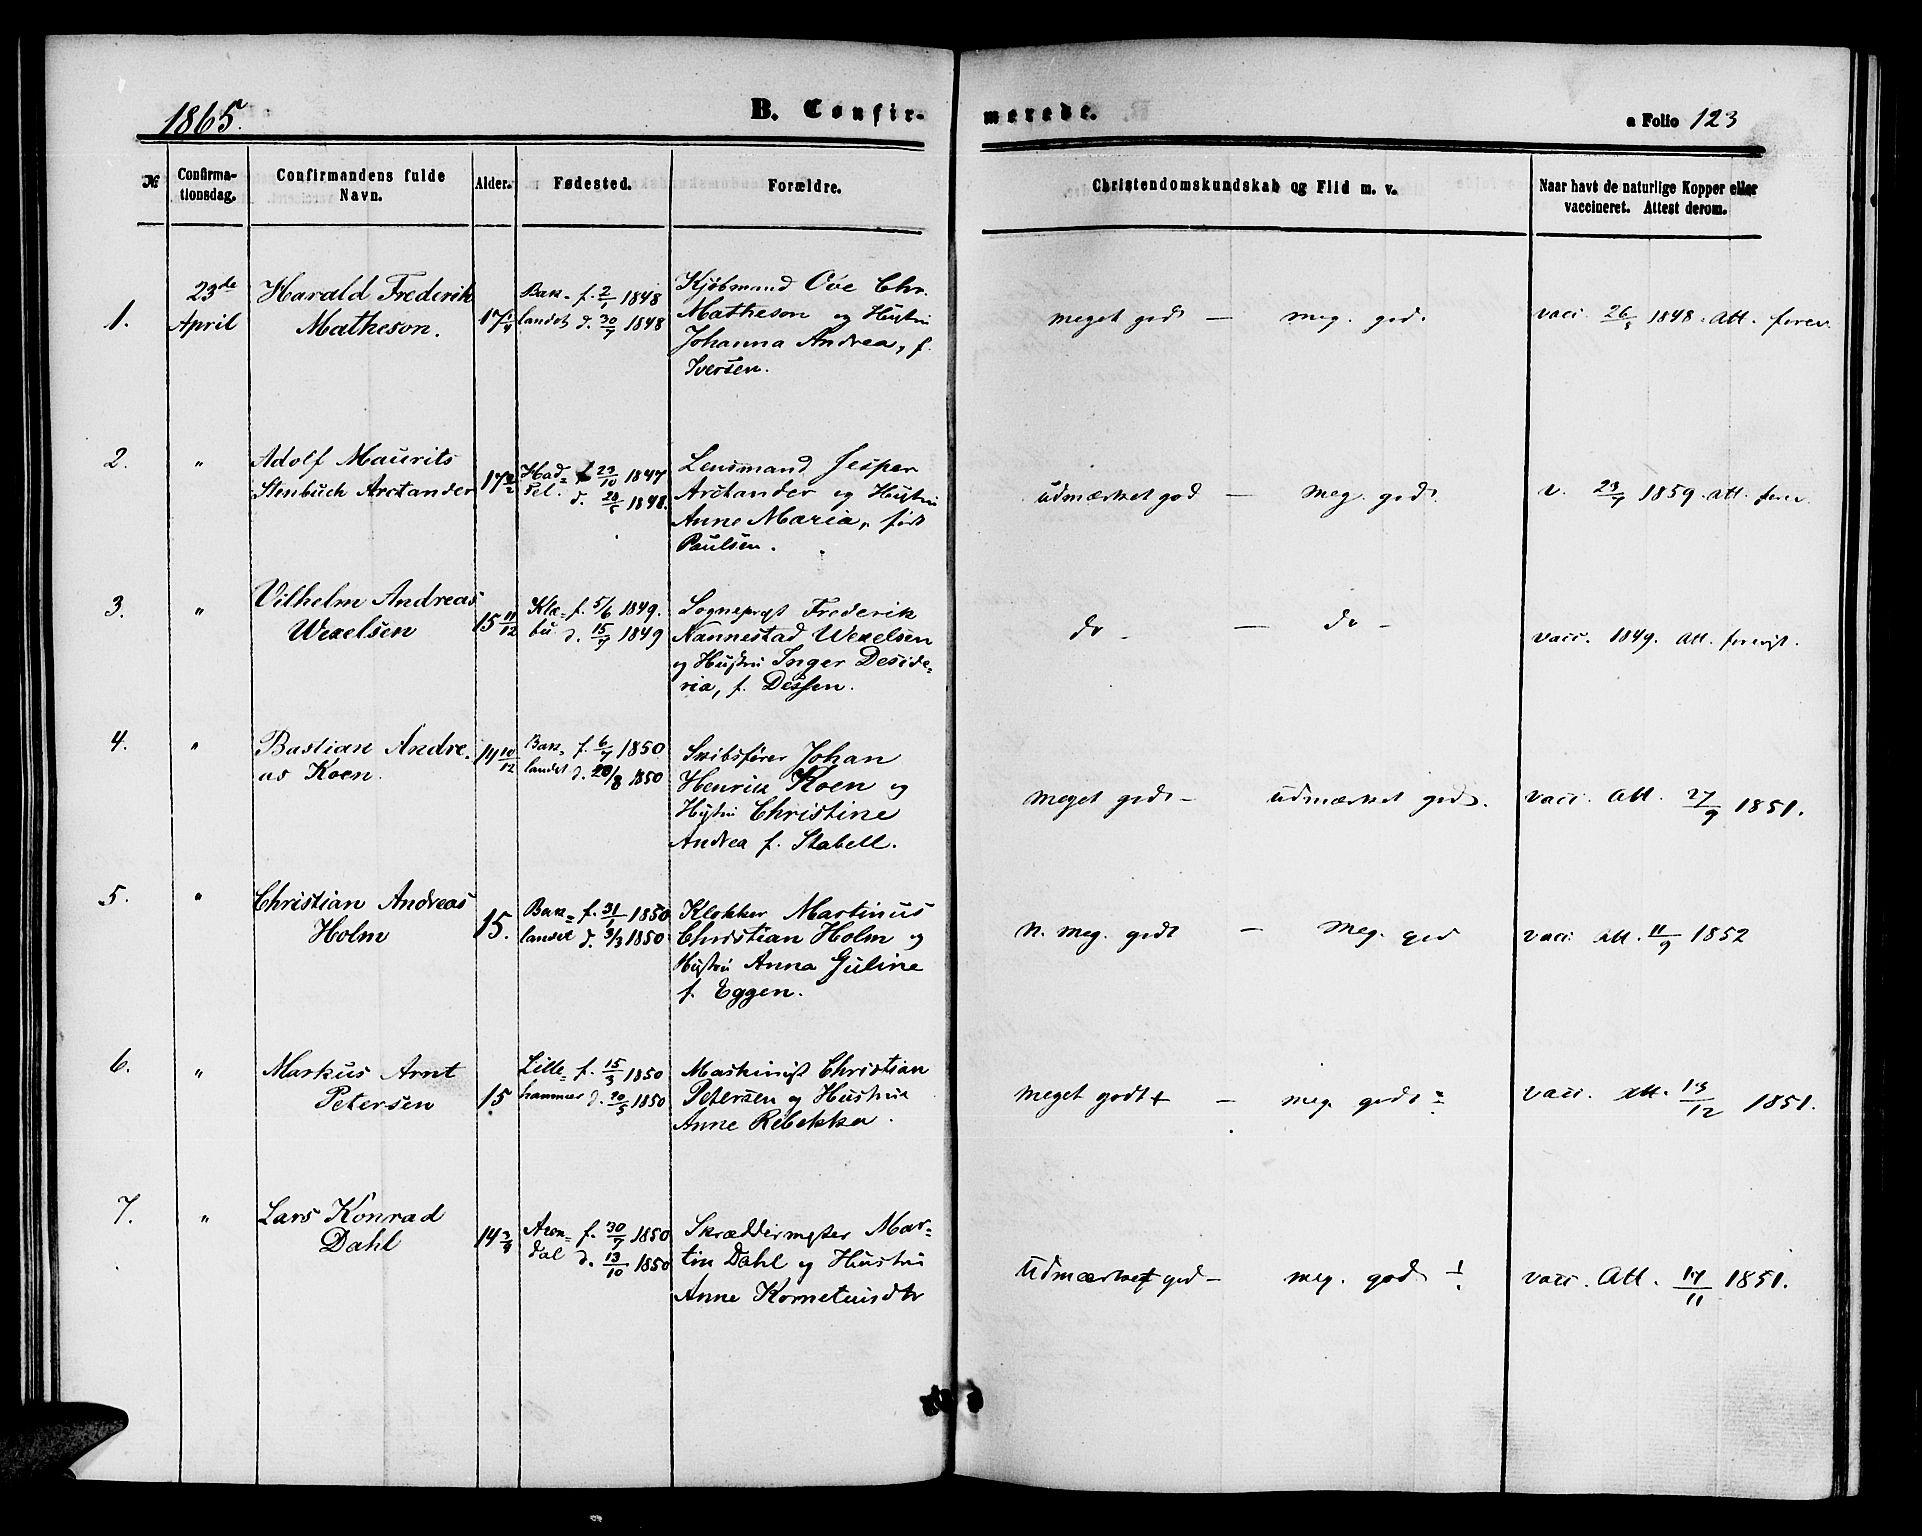 SAT, Ministerialprotokoller, klokkerbøker og fødselsregistre - Sør-Trøndelag, 604/L0185: Ministerialbok nr. 604A06, 1861-1865, s. 123